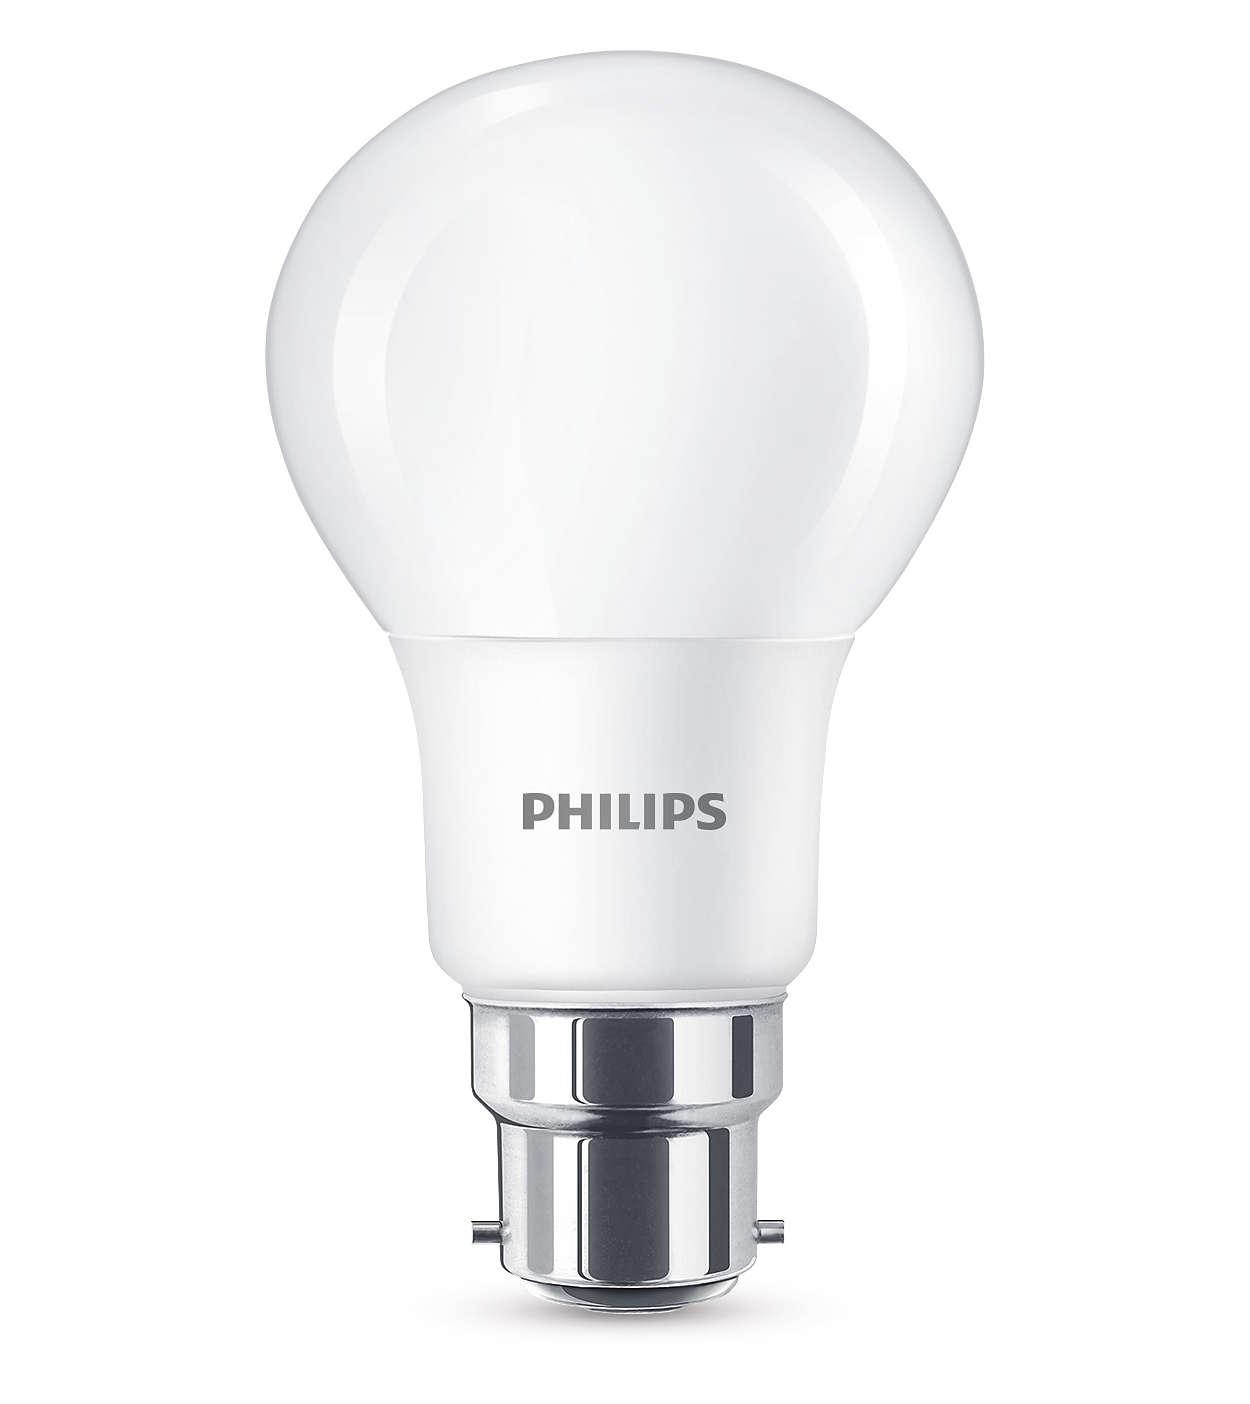 Ψυχρό λευκό φως, χωρίς συμβιβασμούς στην ποιότητα του φωτισμού